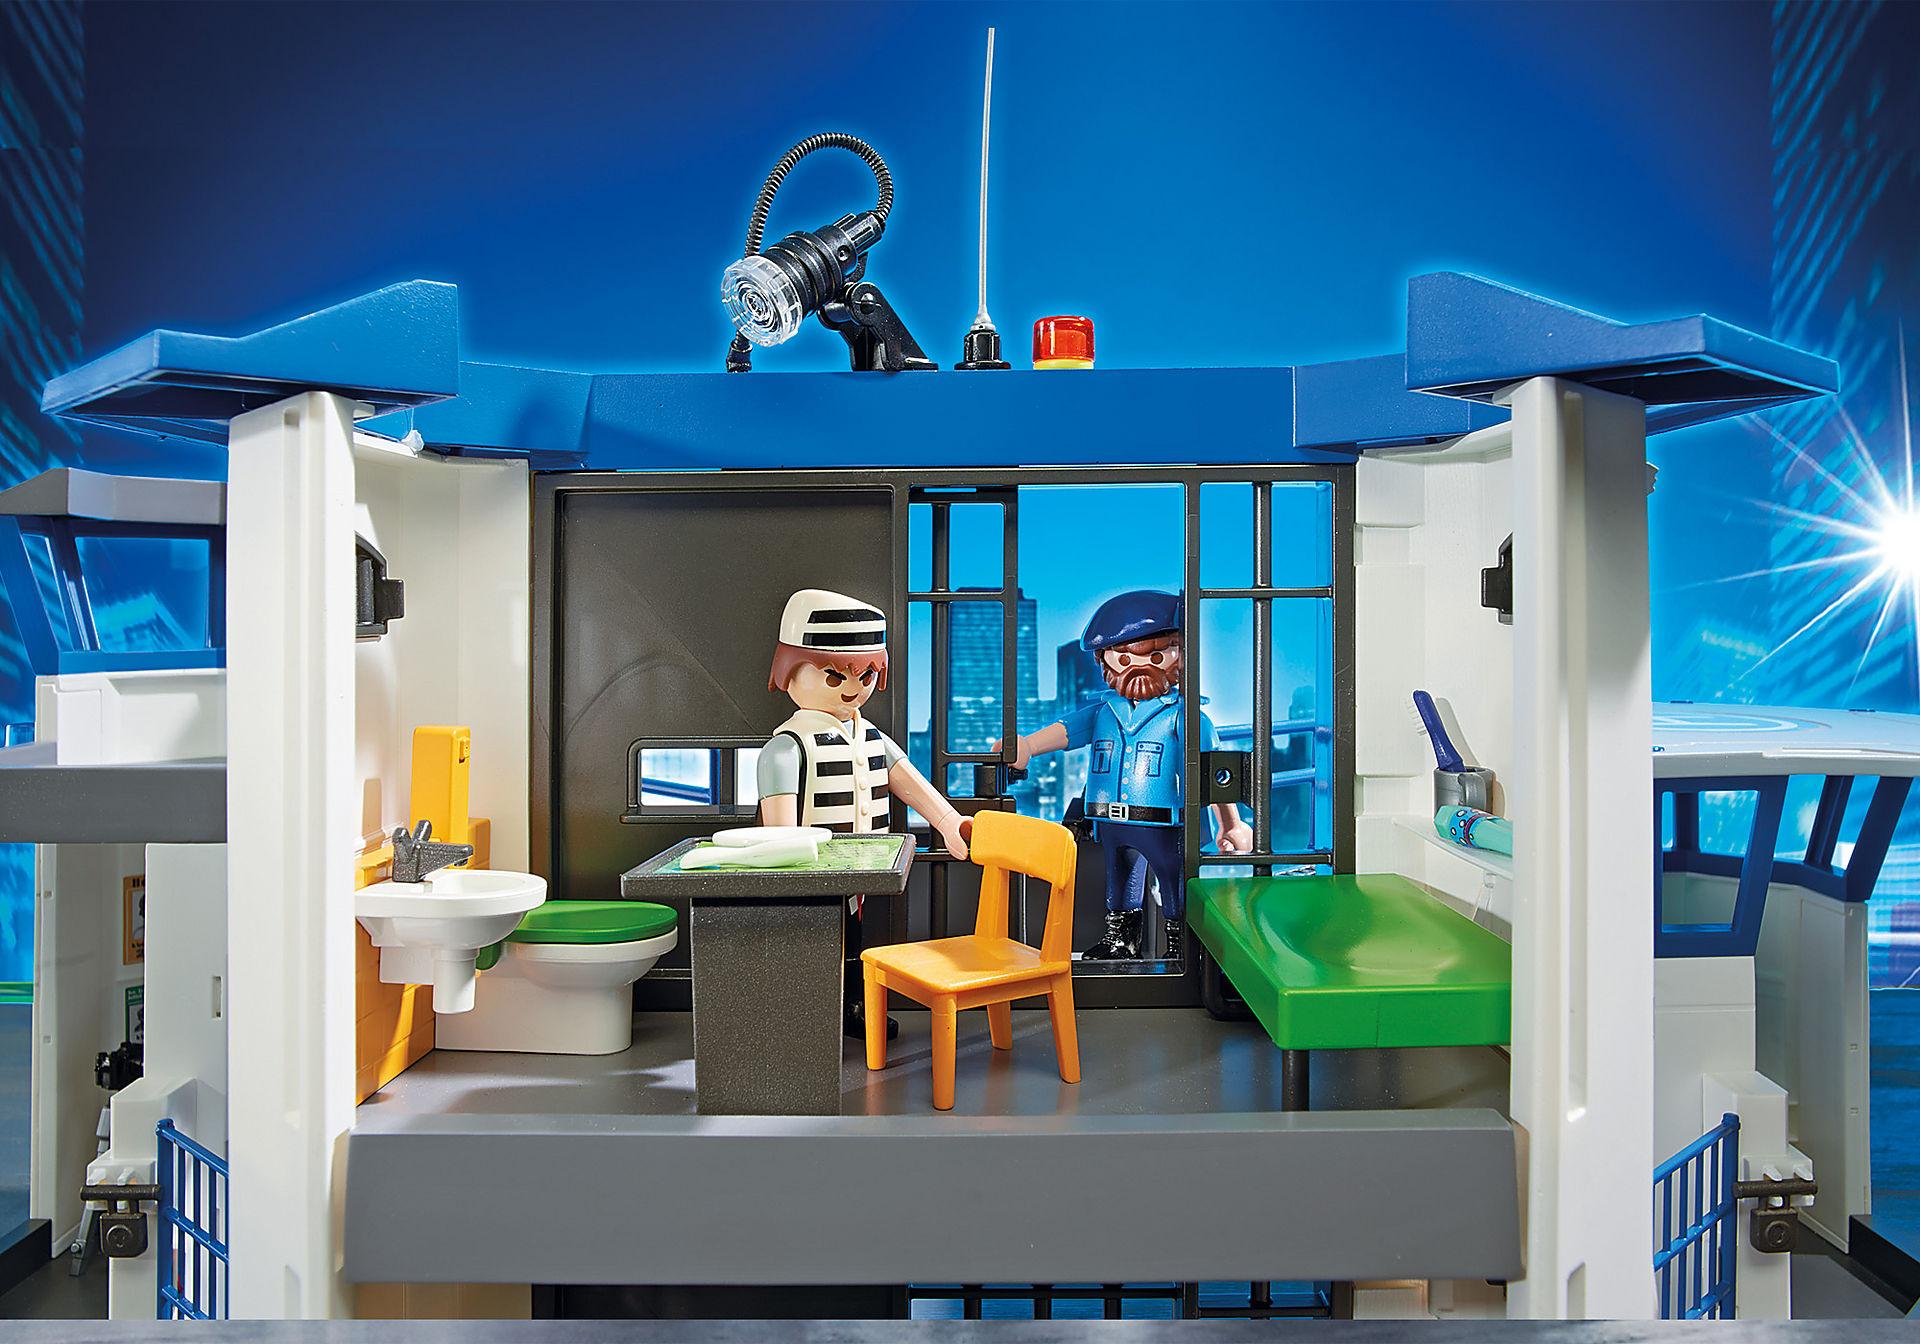 6919 Αρχηγείο Αστυνομίας και φυλακή ασφαλείας zoom image7